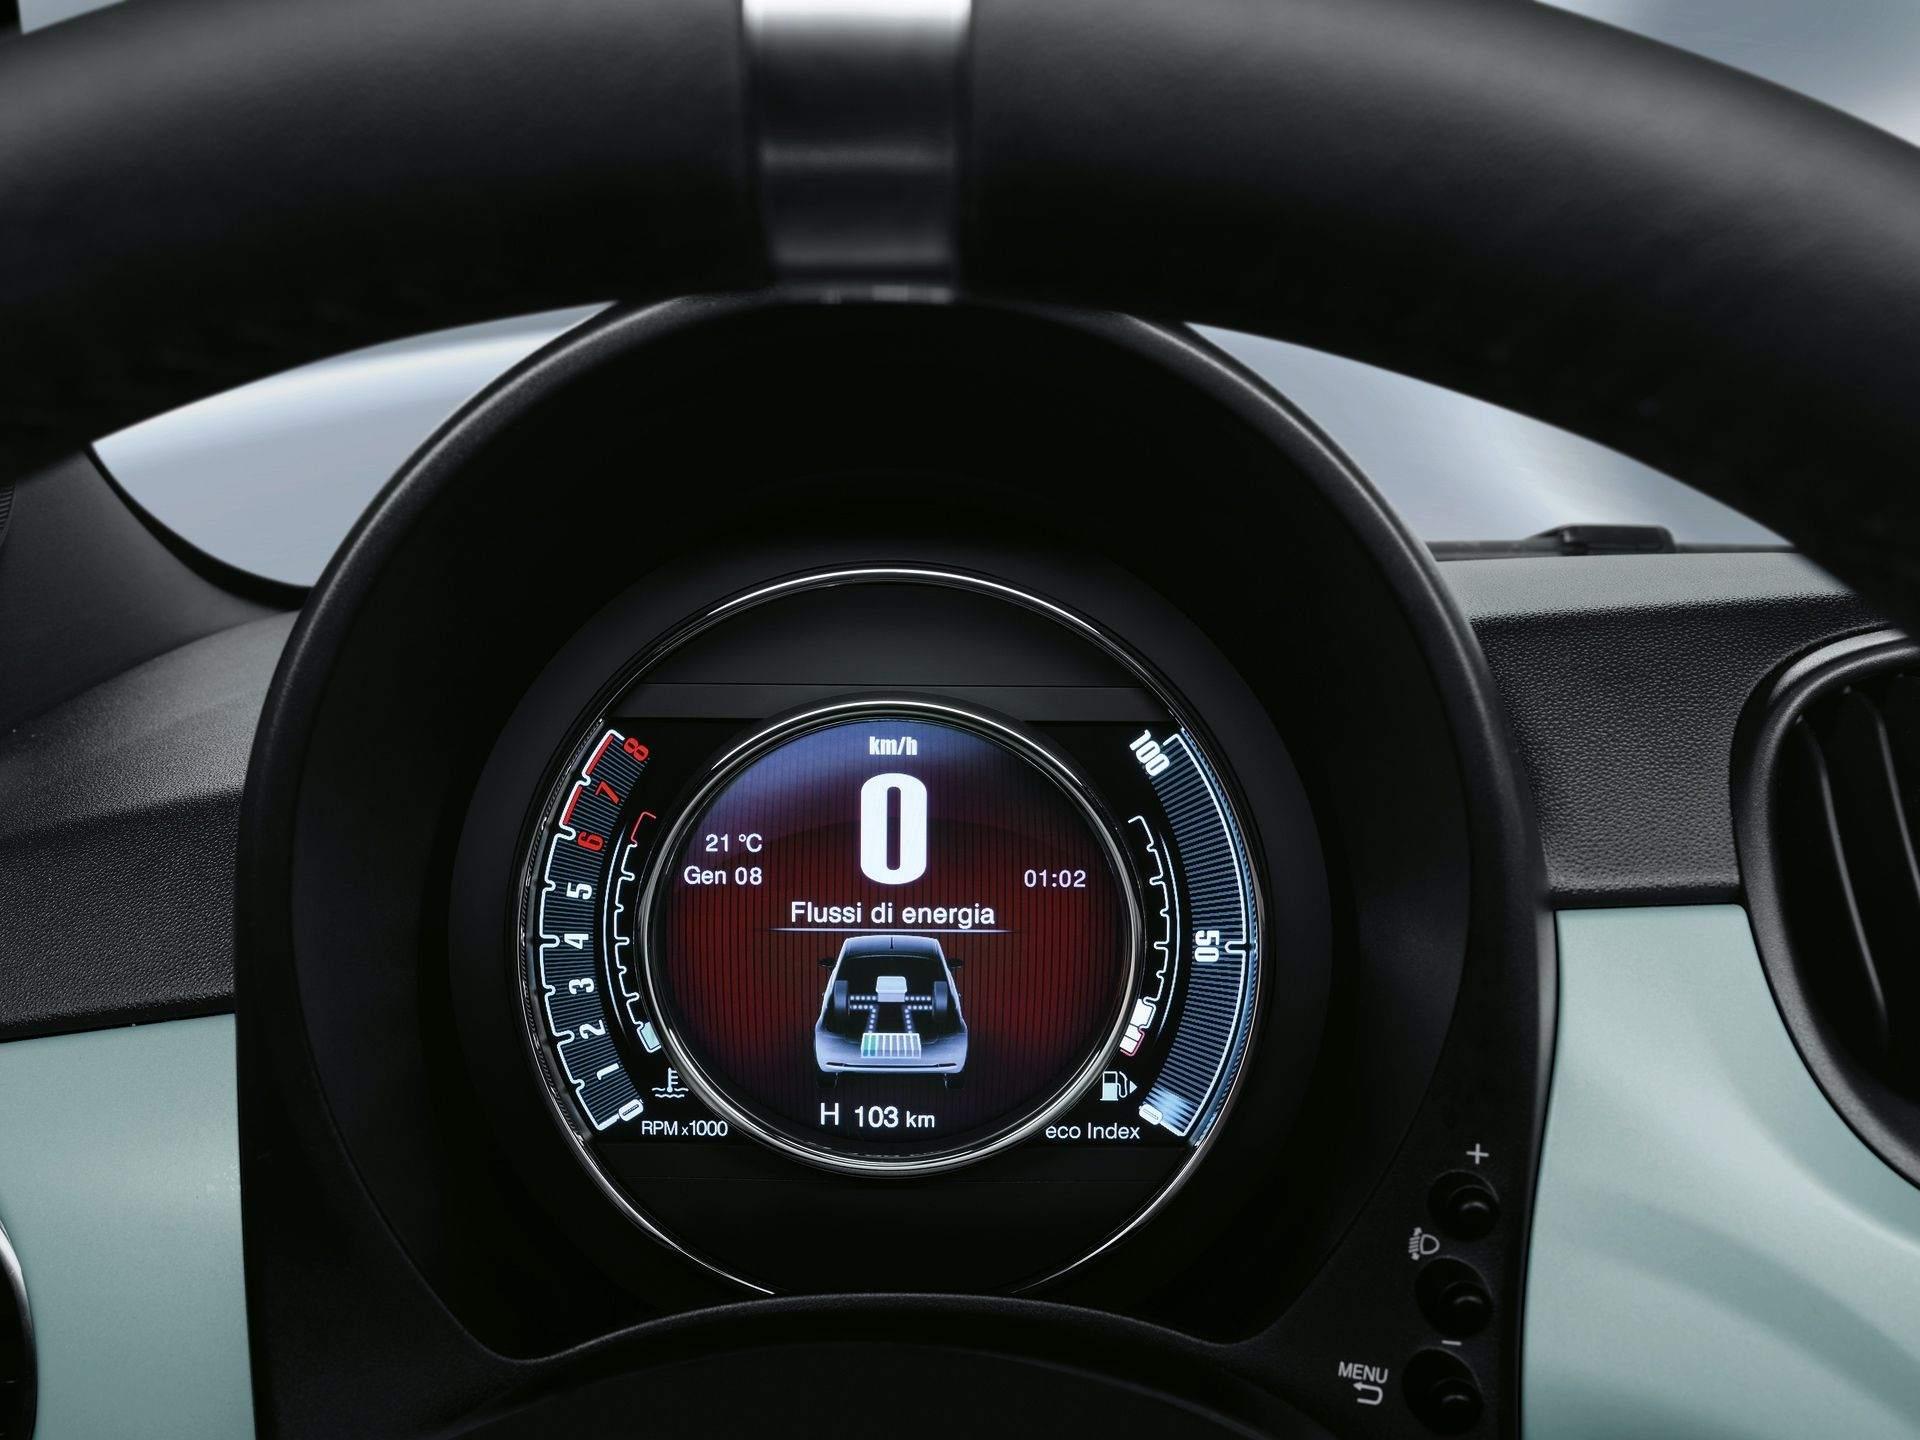 200108_Fiat_500-Hybrid-Launch-Edition_14